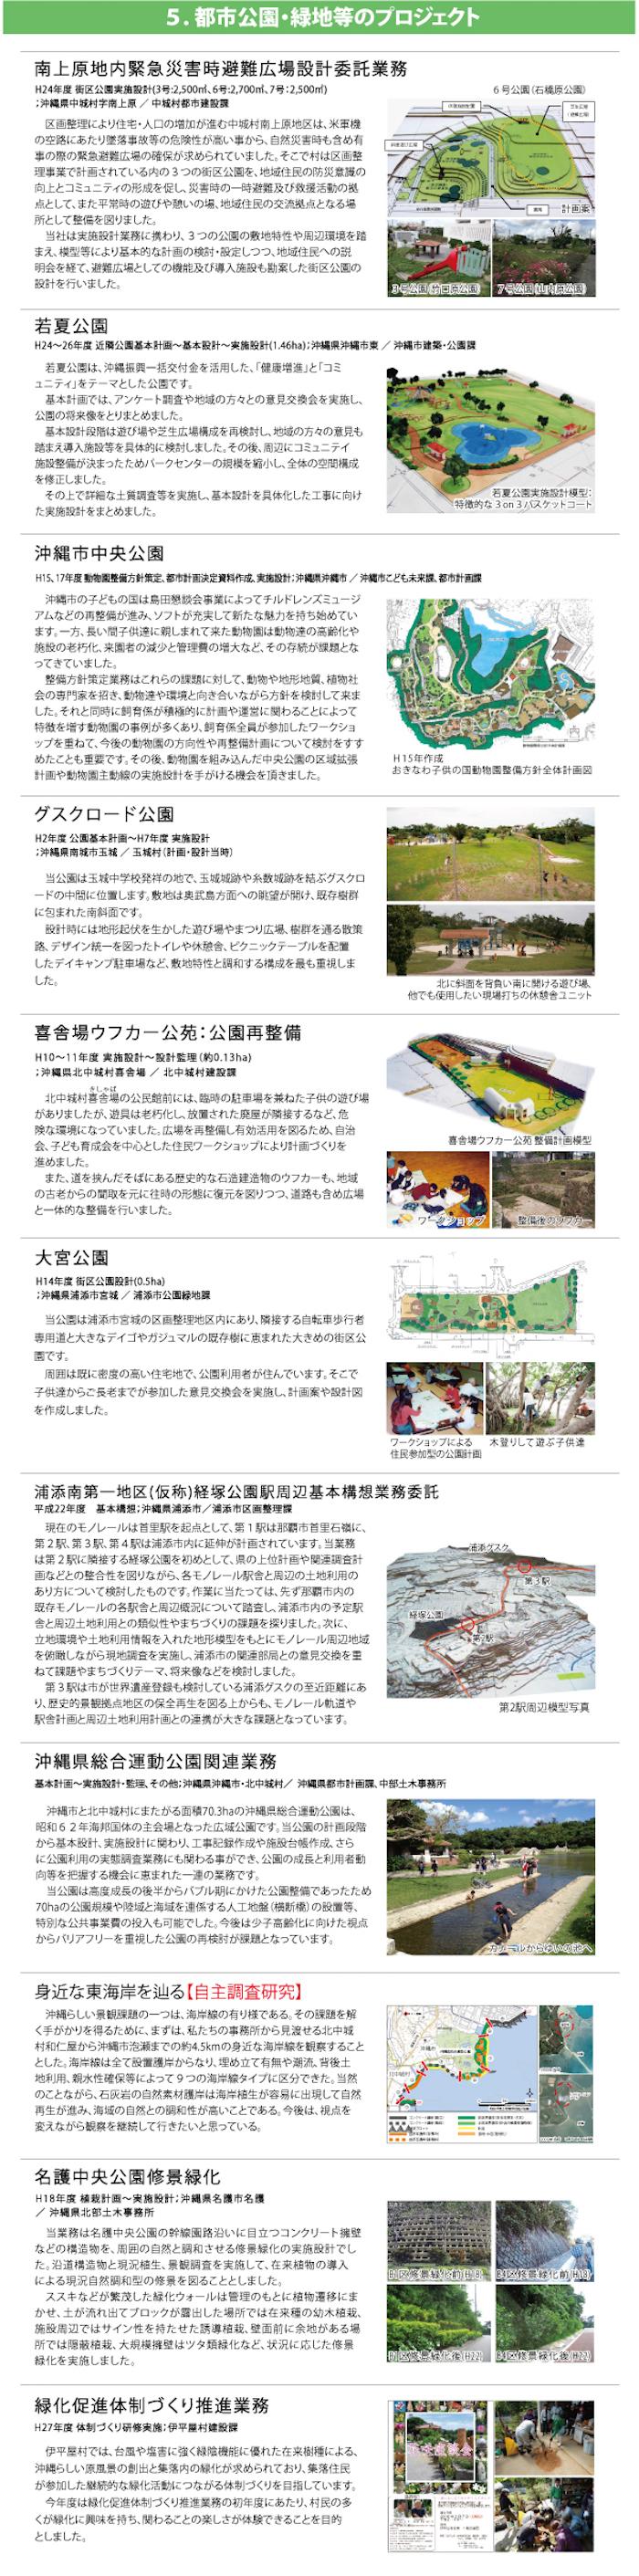 5.都市公園・緑地等のプロジェクト